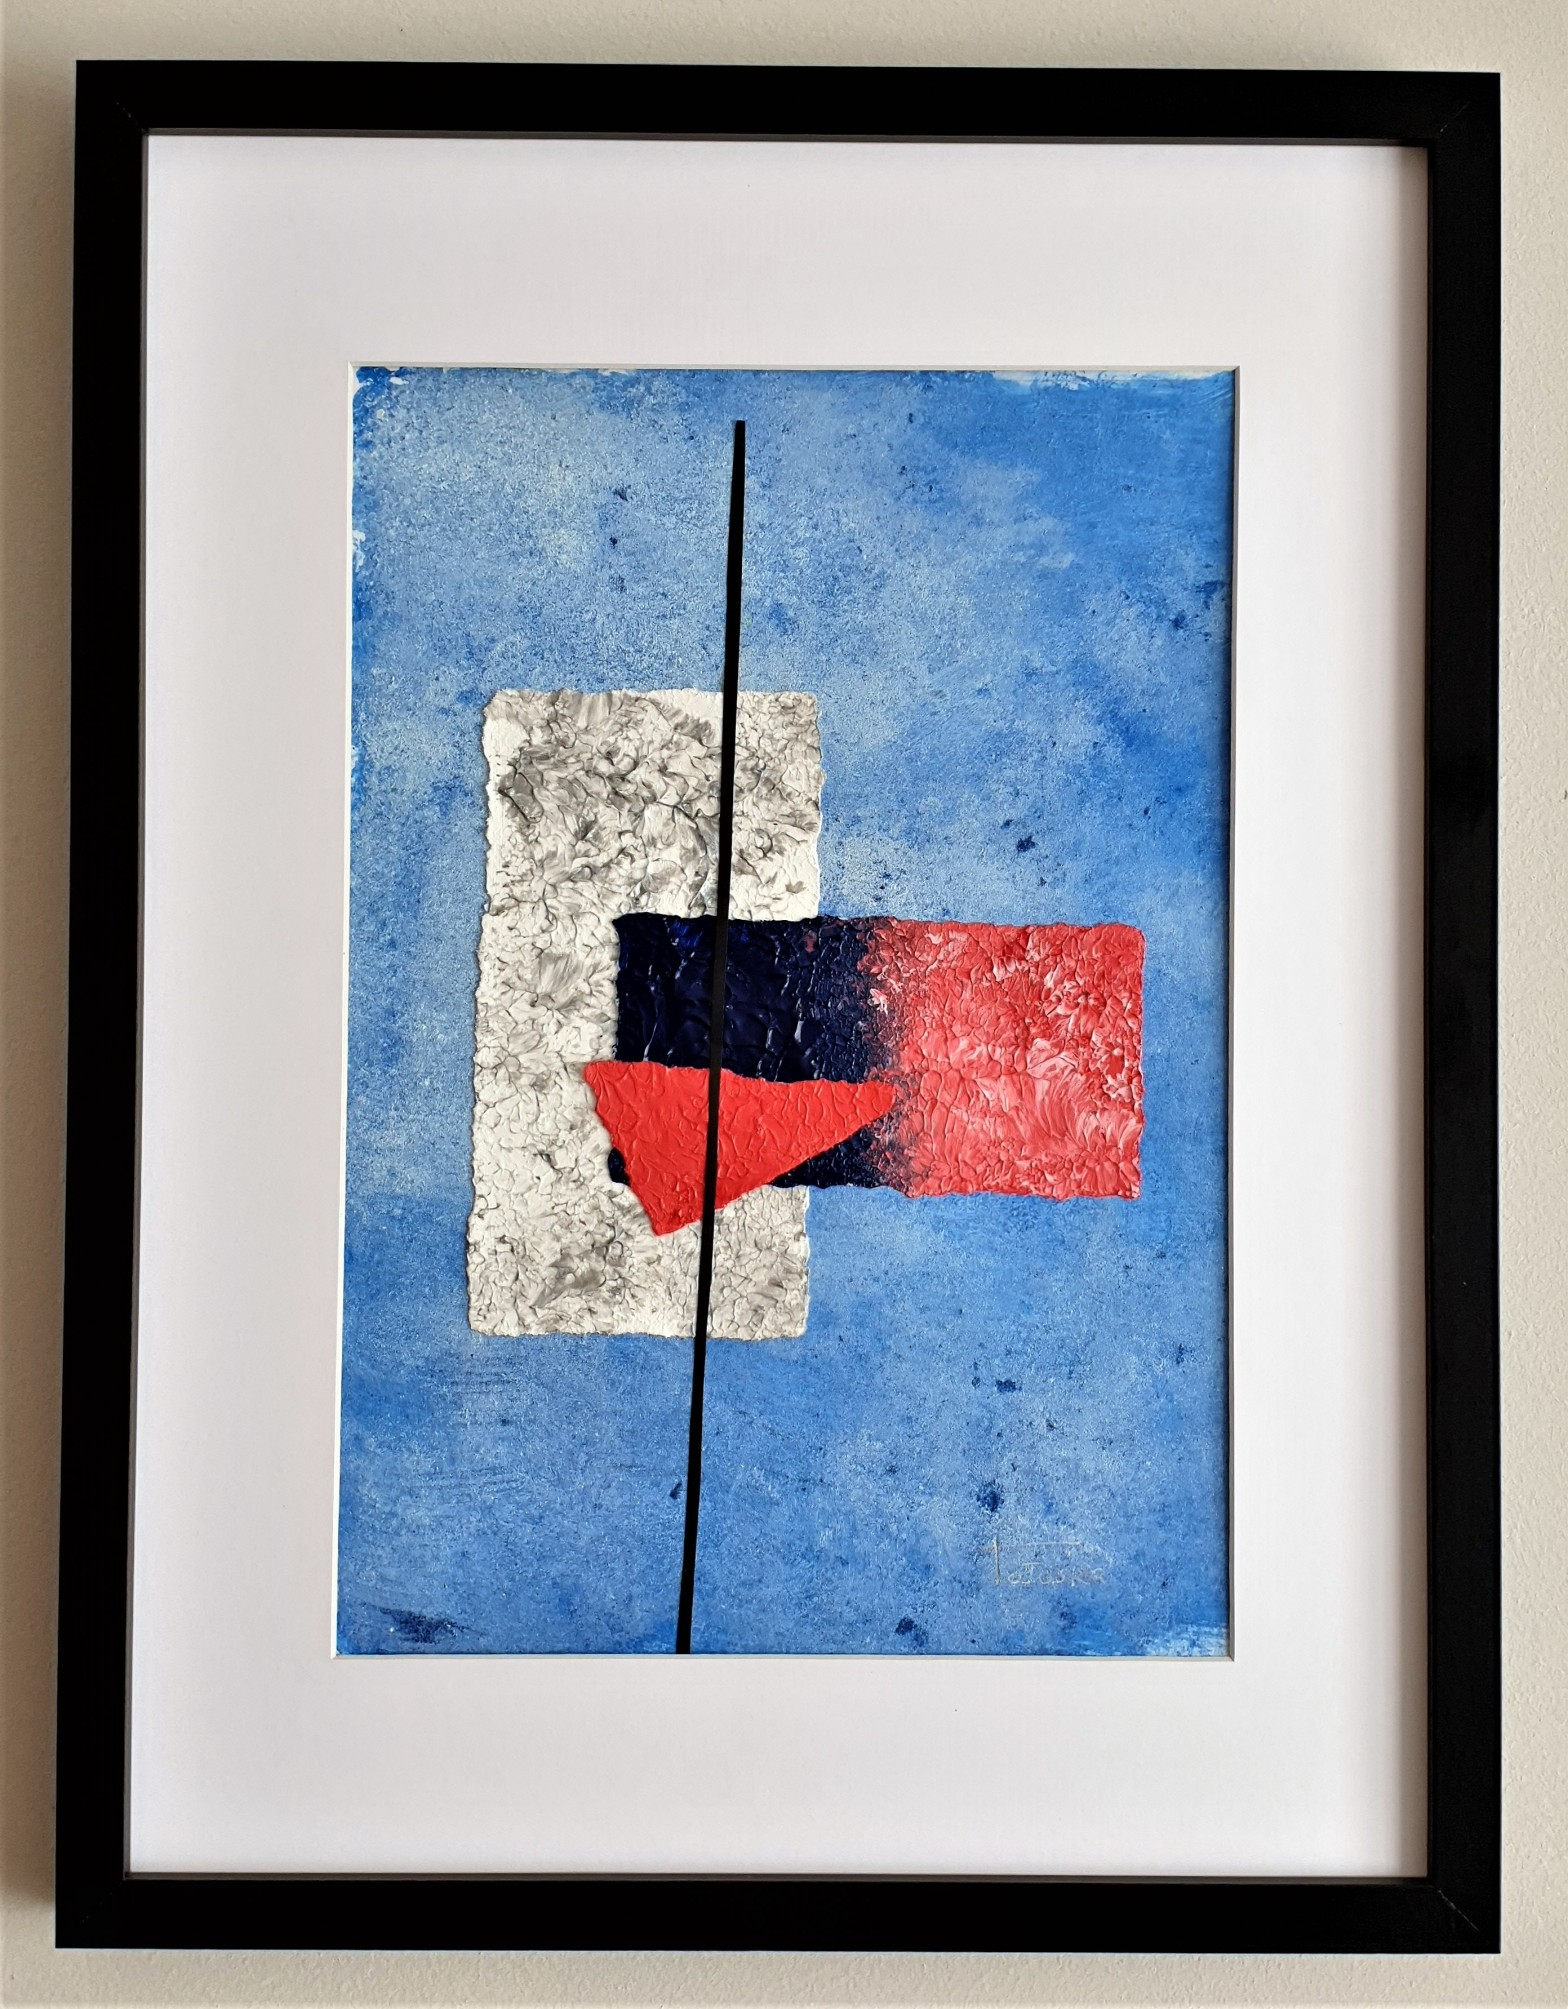 """Cuadro original de arte abstracto contemporáneo titulado """"Snow"""", obra de la artista Tatuska"""